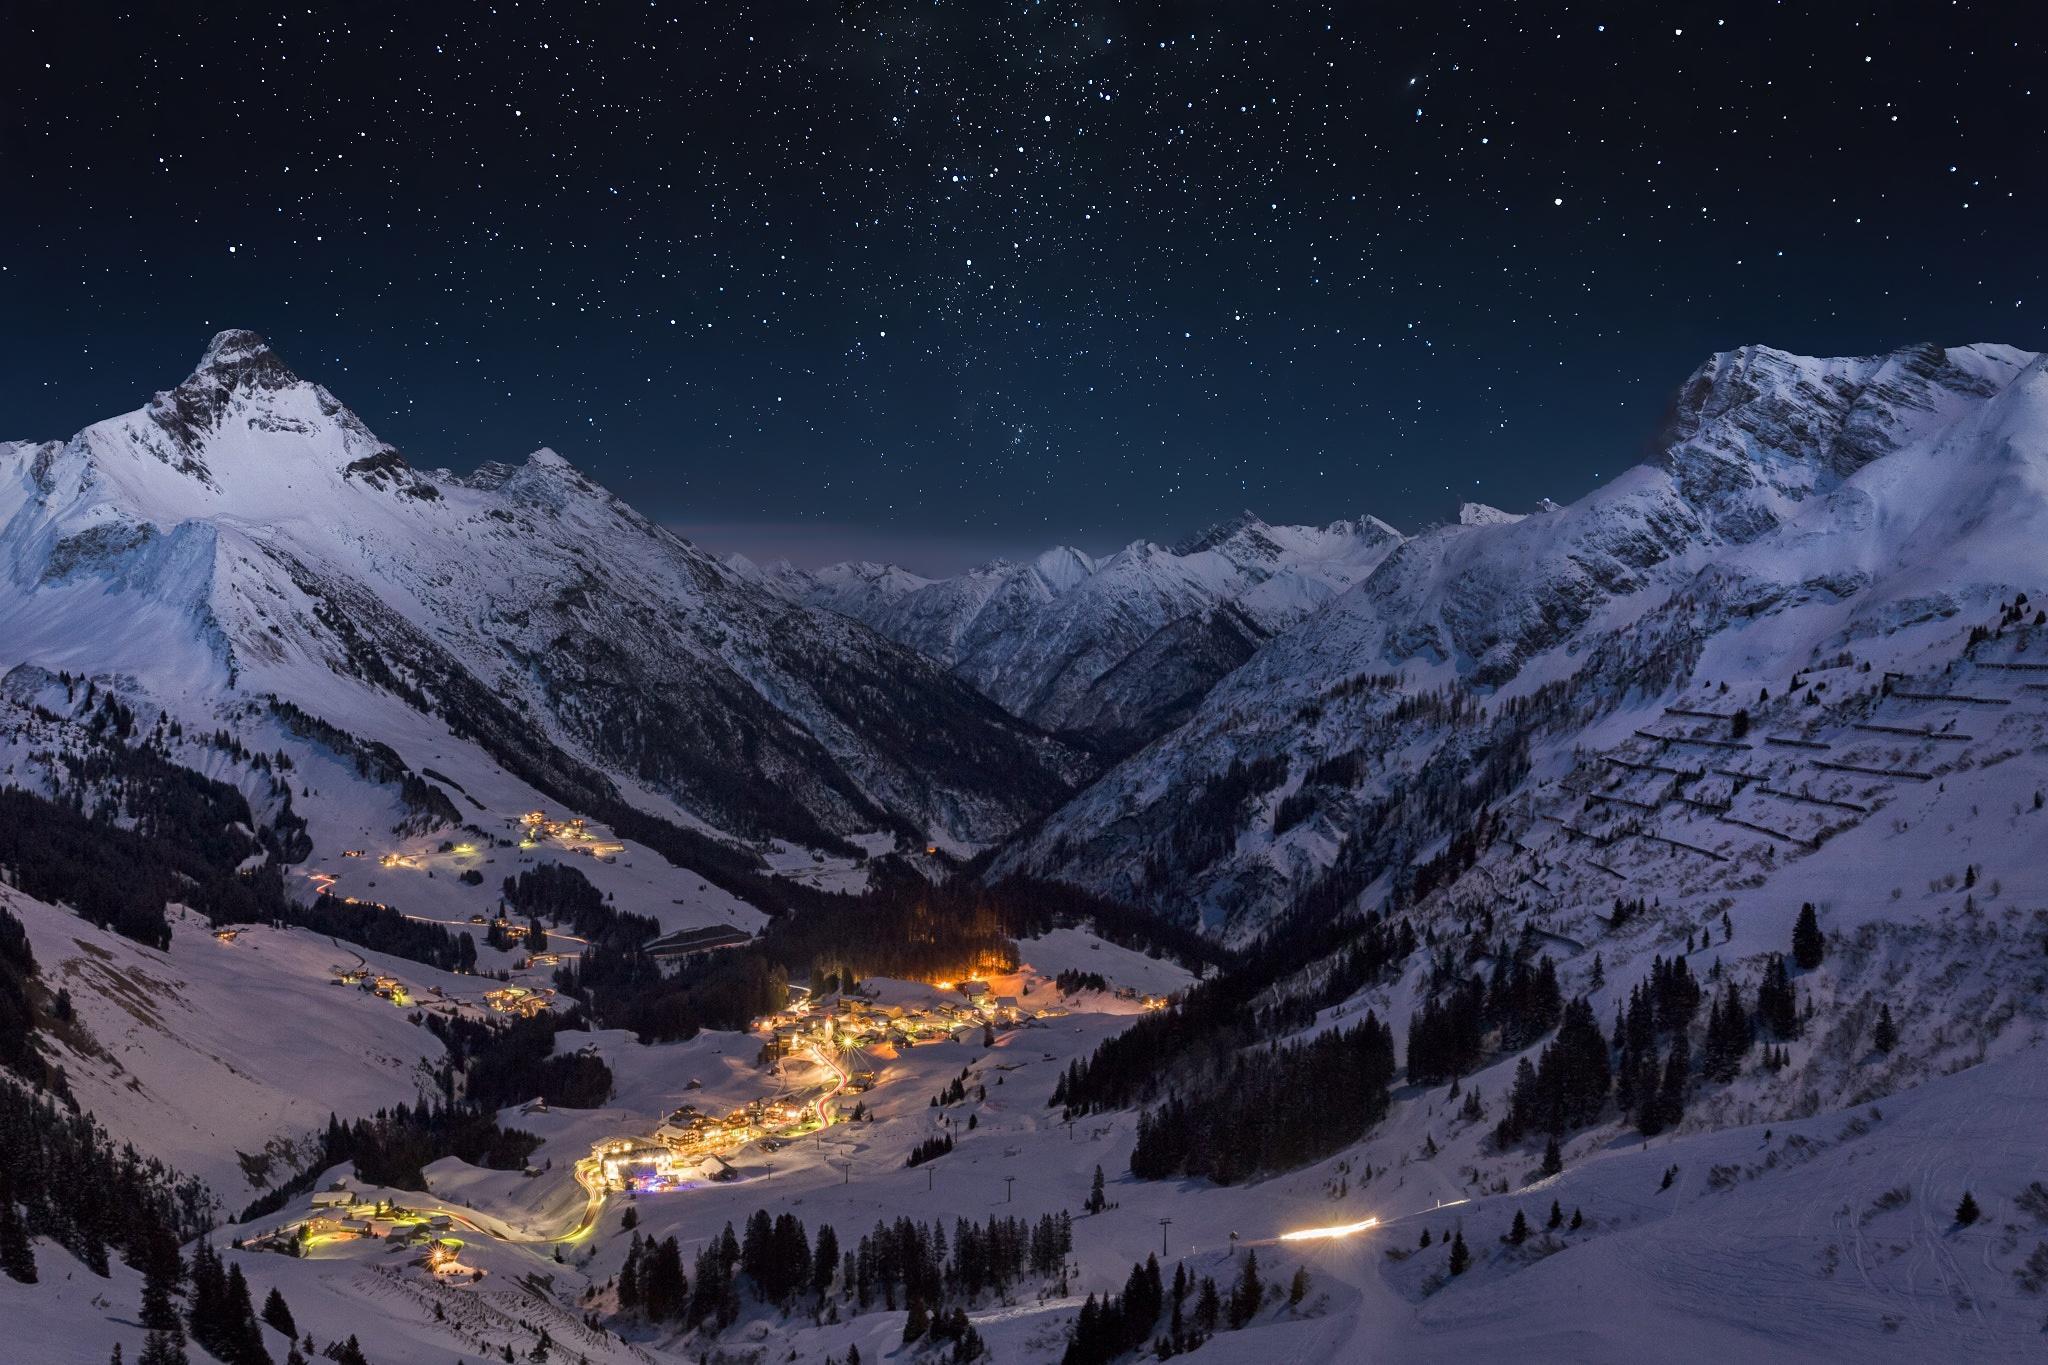 Snowy landscape night wallpaper